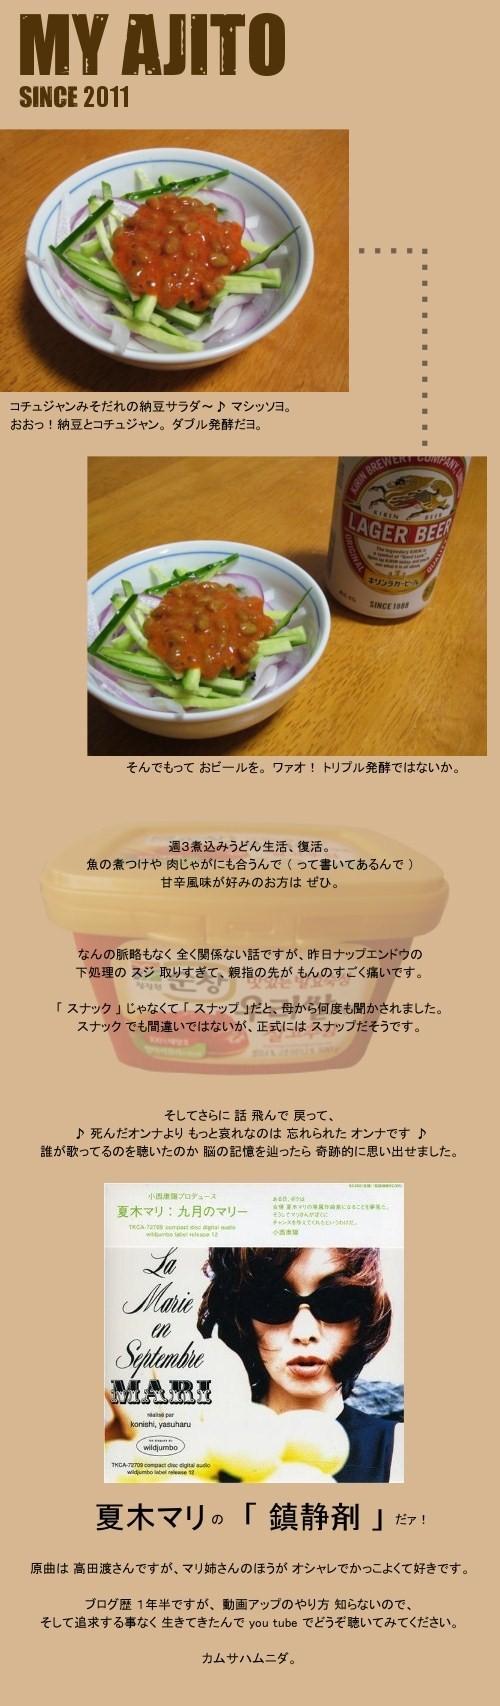 hakkou_4.jpg